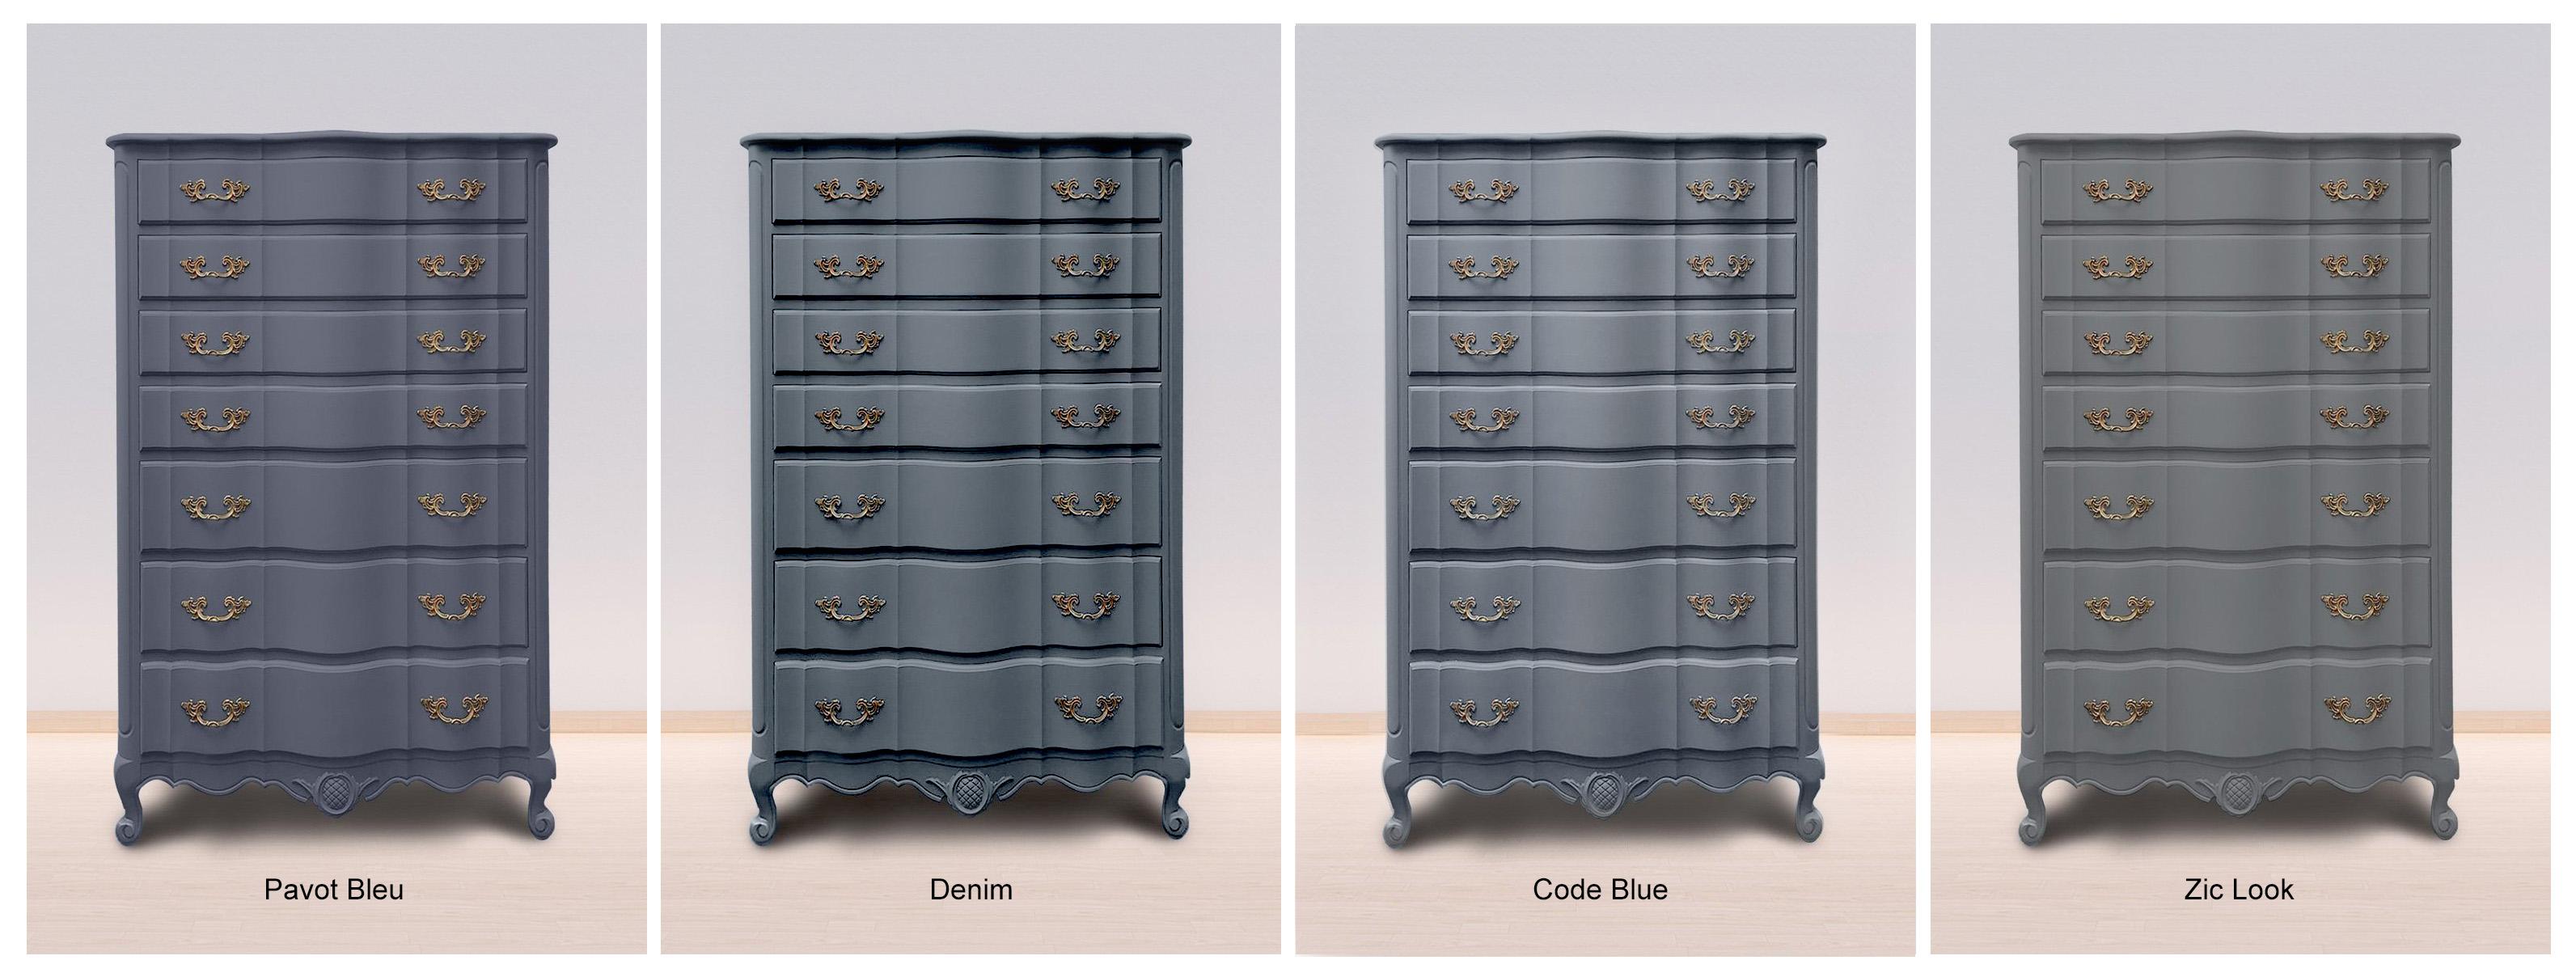 Pavot Bleu, Denim, Code Blue & Zinc Look